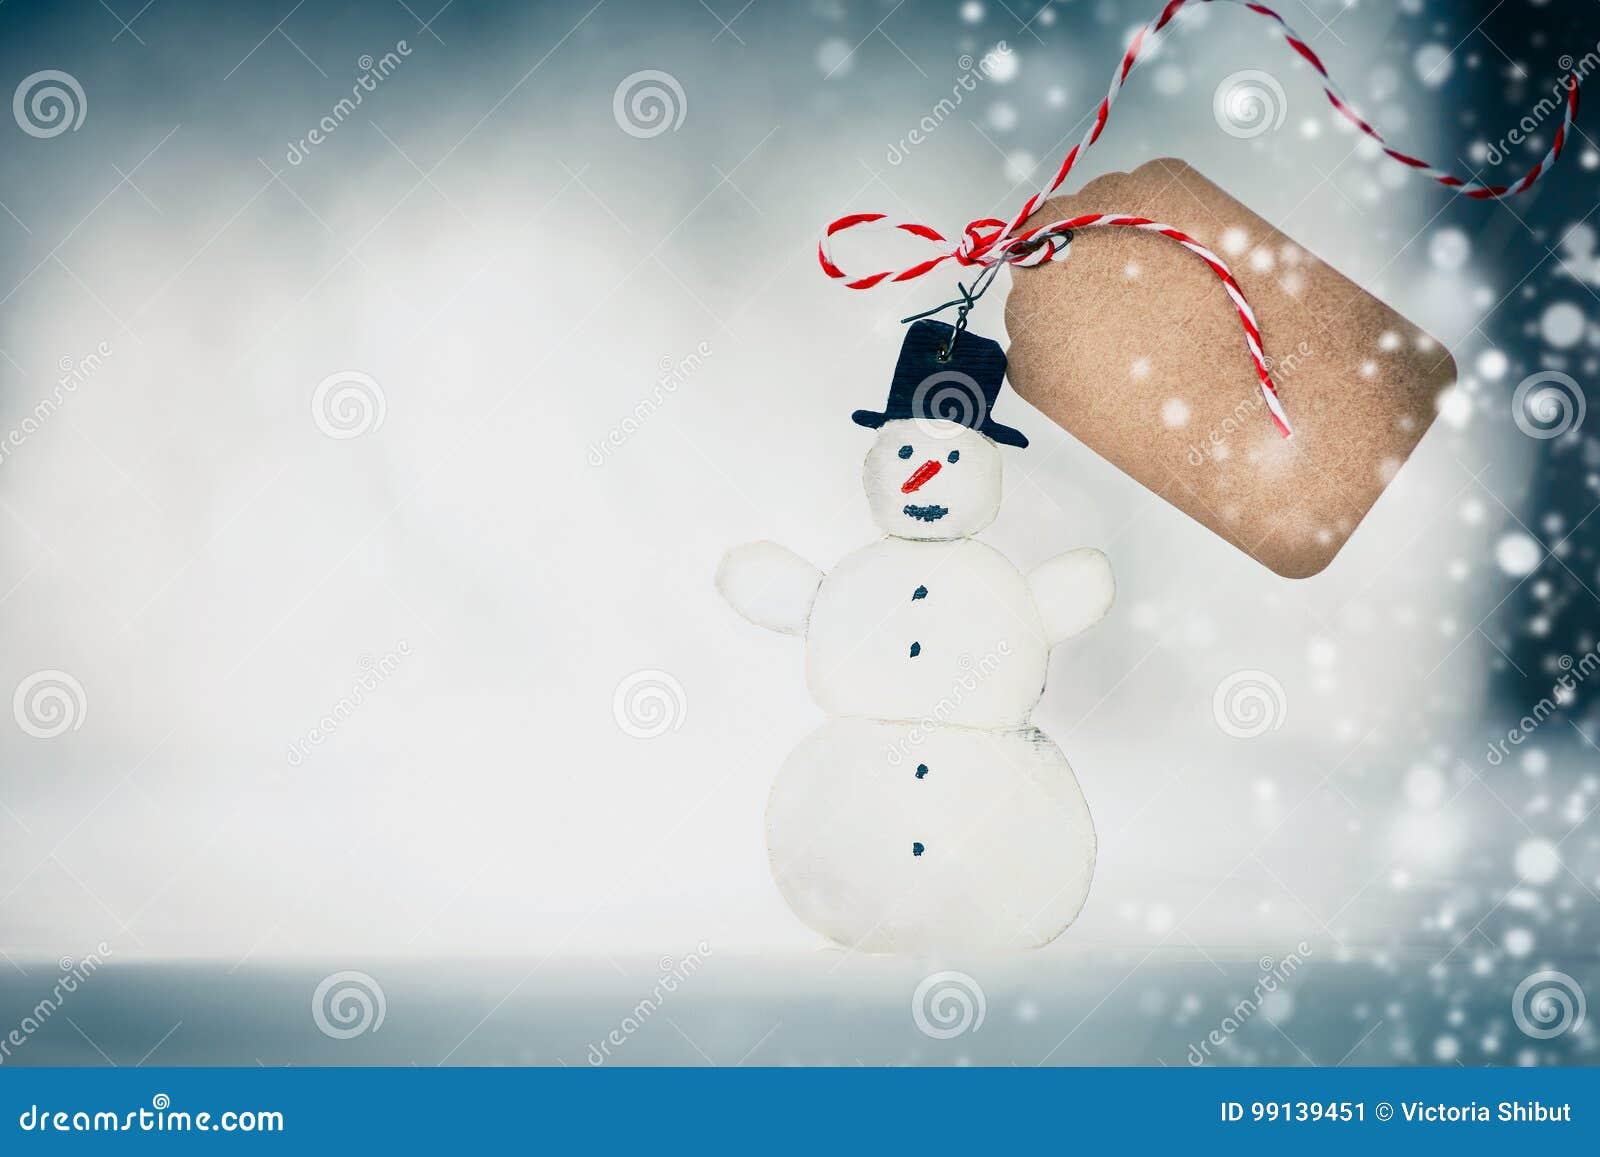 Weihnachtskarte Mit Handgemachtem Schneemann, Tag Und Schnee Auf ...